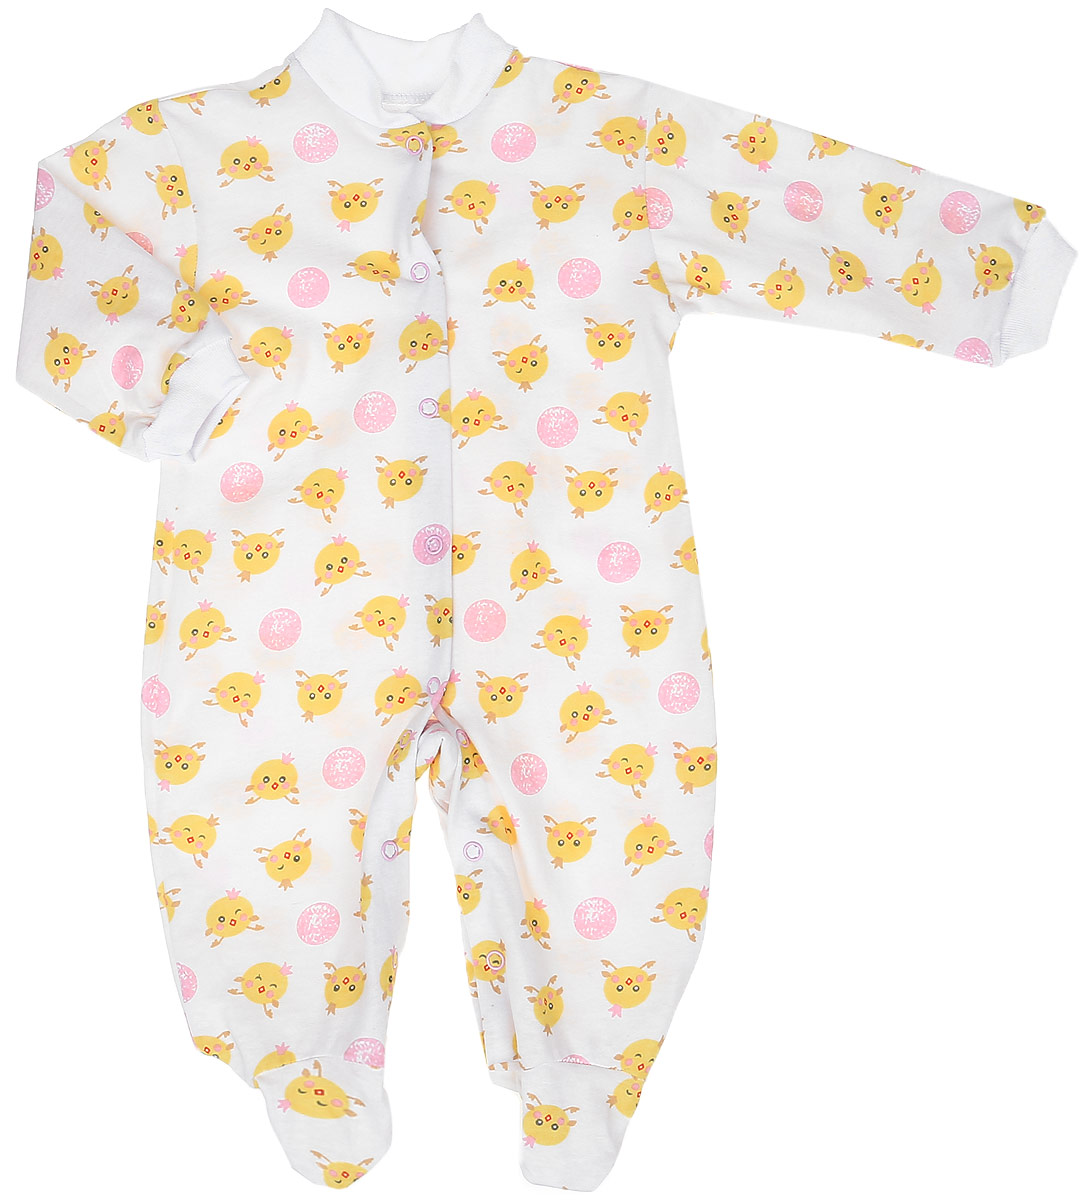 Комбинезон детский Чудесные одежки, цвет: белый, розовый. 5801. Размер 985801Удобный детский комбинезон Чудесные одежки выполнен из натурального хлопка.Комбинезон с небольшим воротником-стойкой, длинными рукавами и закрытыми ножками имеет застежки-кнопки спереди и на ластовице, которые помогают легко переодеть младенца или сменить подгузник. Воротничок и манжеты на рукавах выполнены из трикотажной эластичной резинки. Изделие оформлено принтом с изображением цыплят.